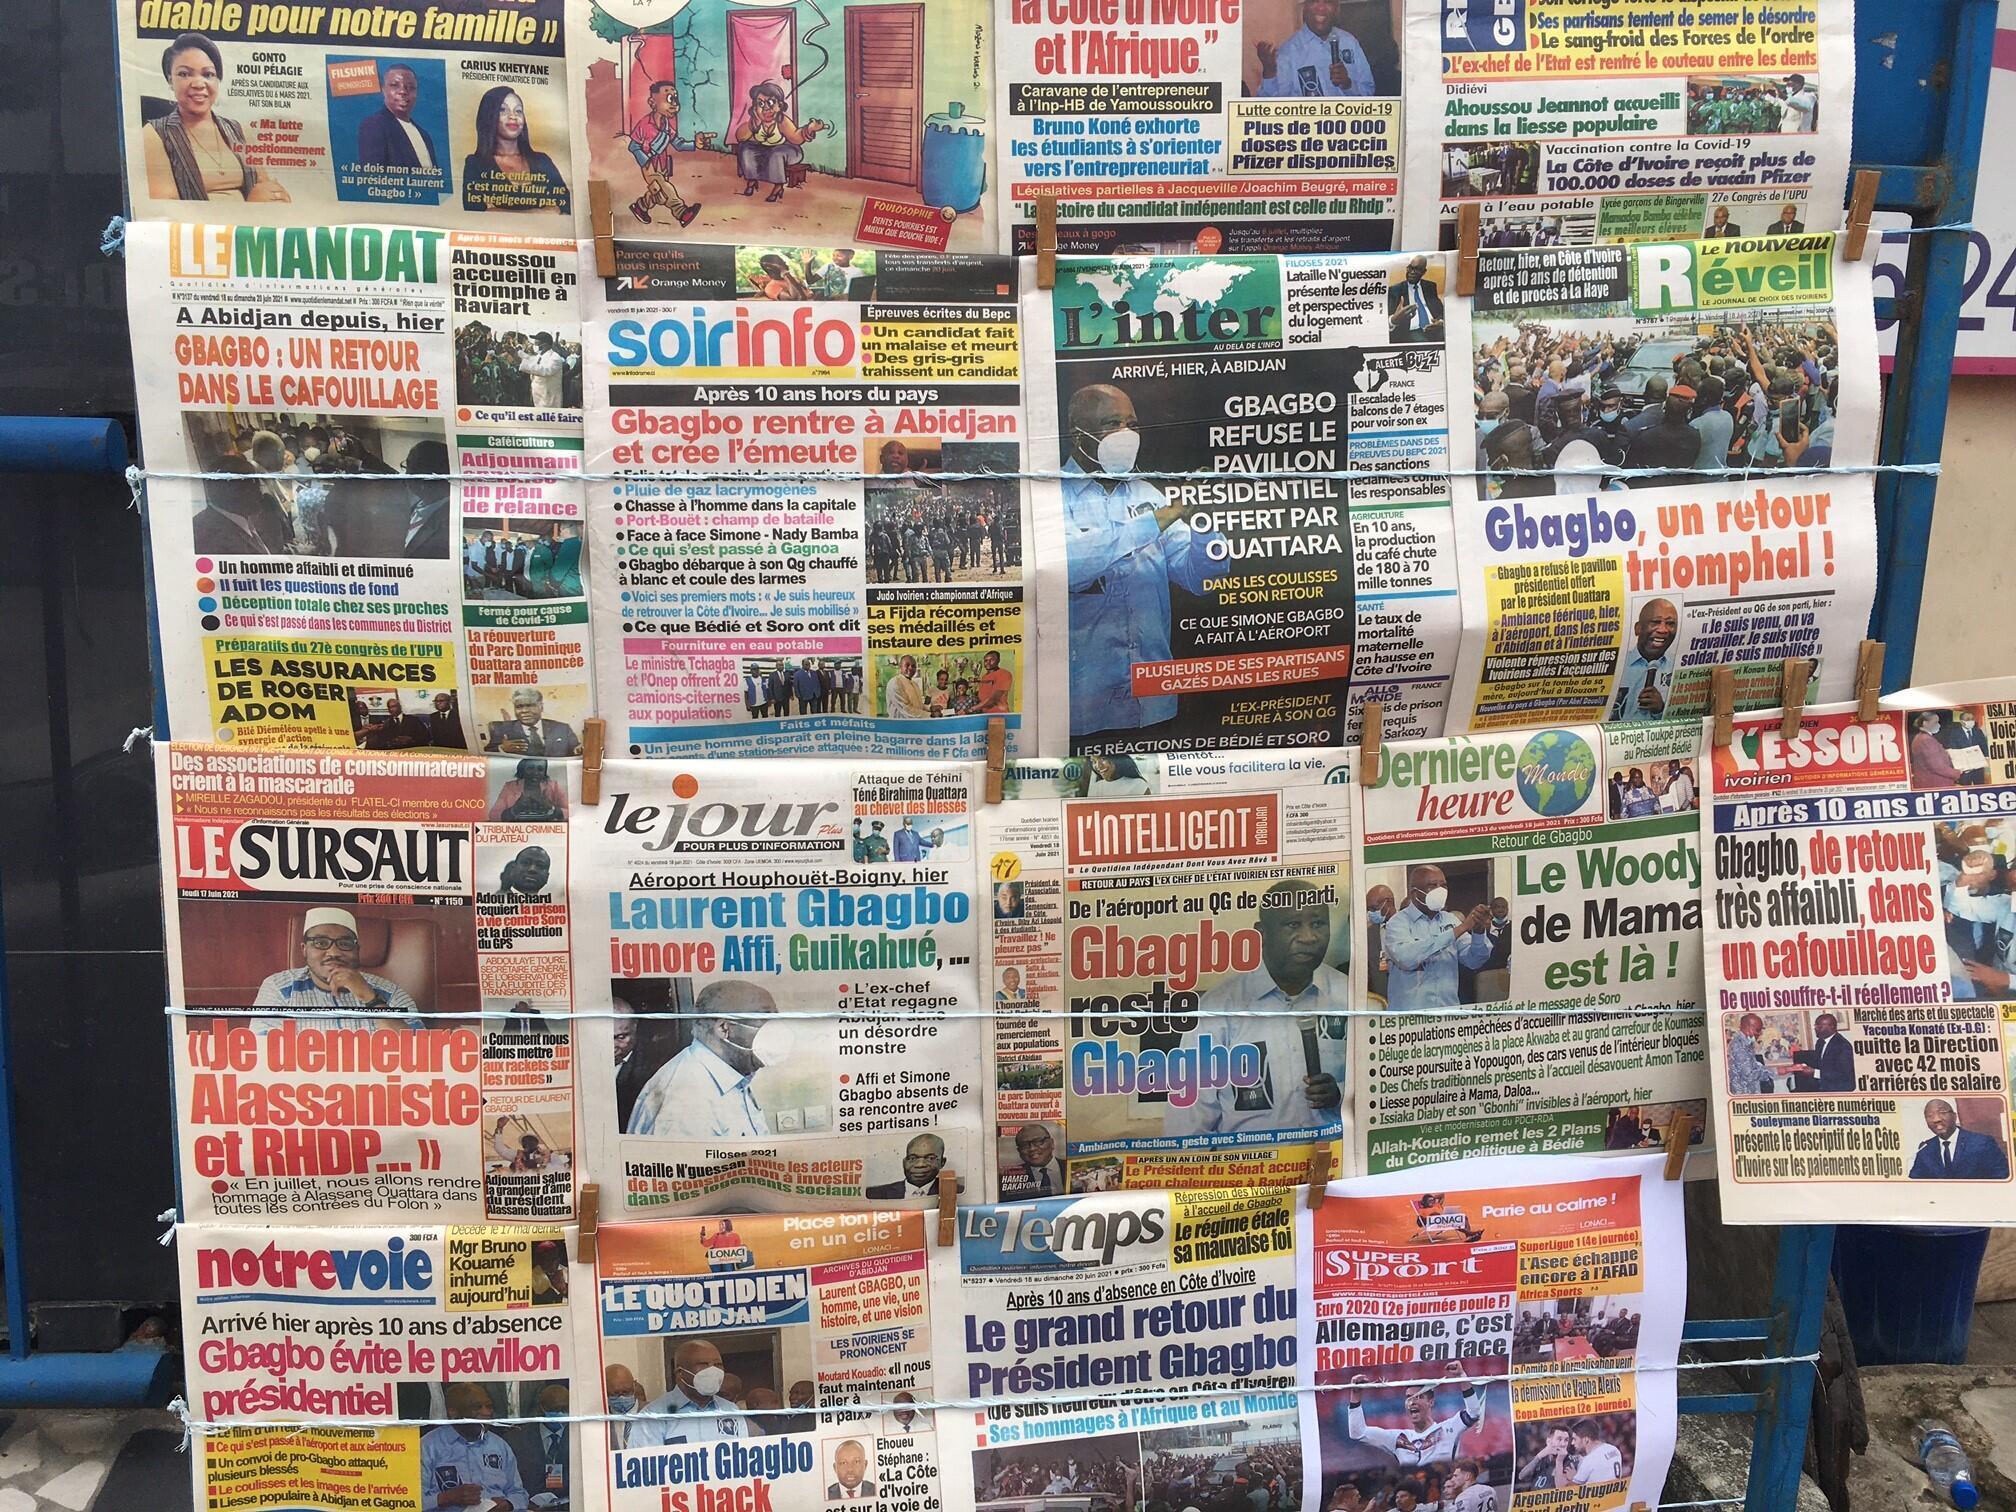 Seules les Unes des journaux affichées dans les rues évoquent l'événement.